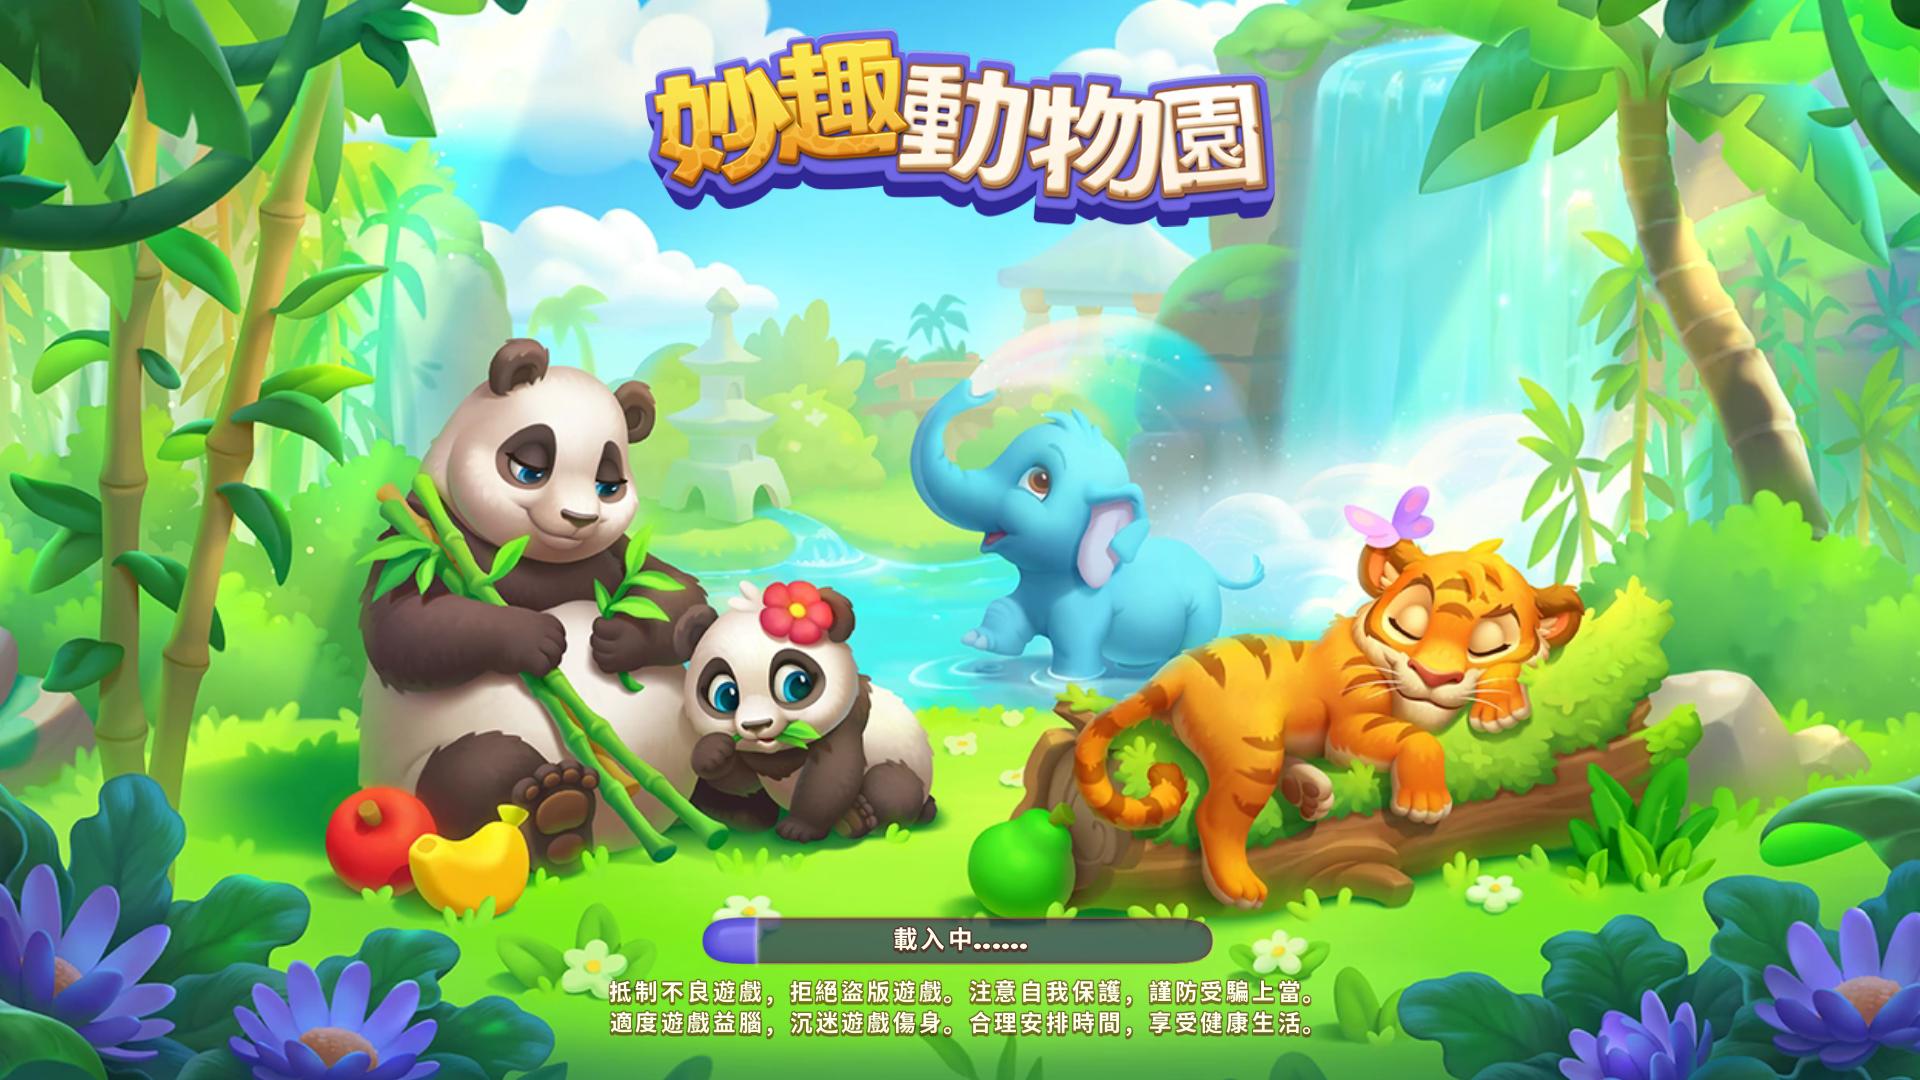 《妙趣動物園》結合三消遊戲與經營養成的療癒佳作